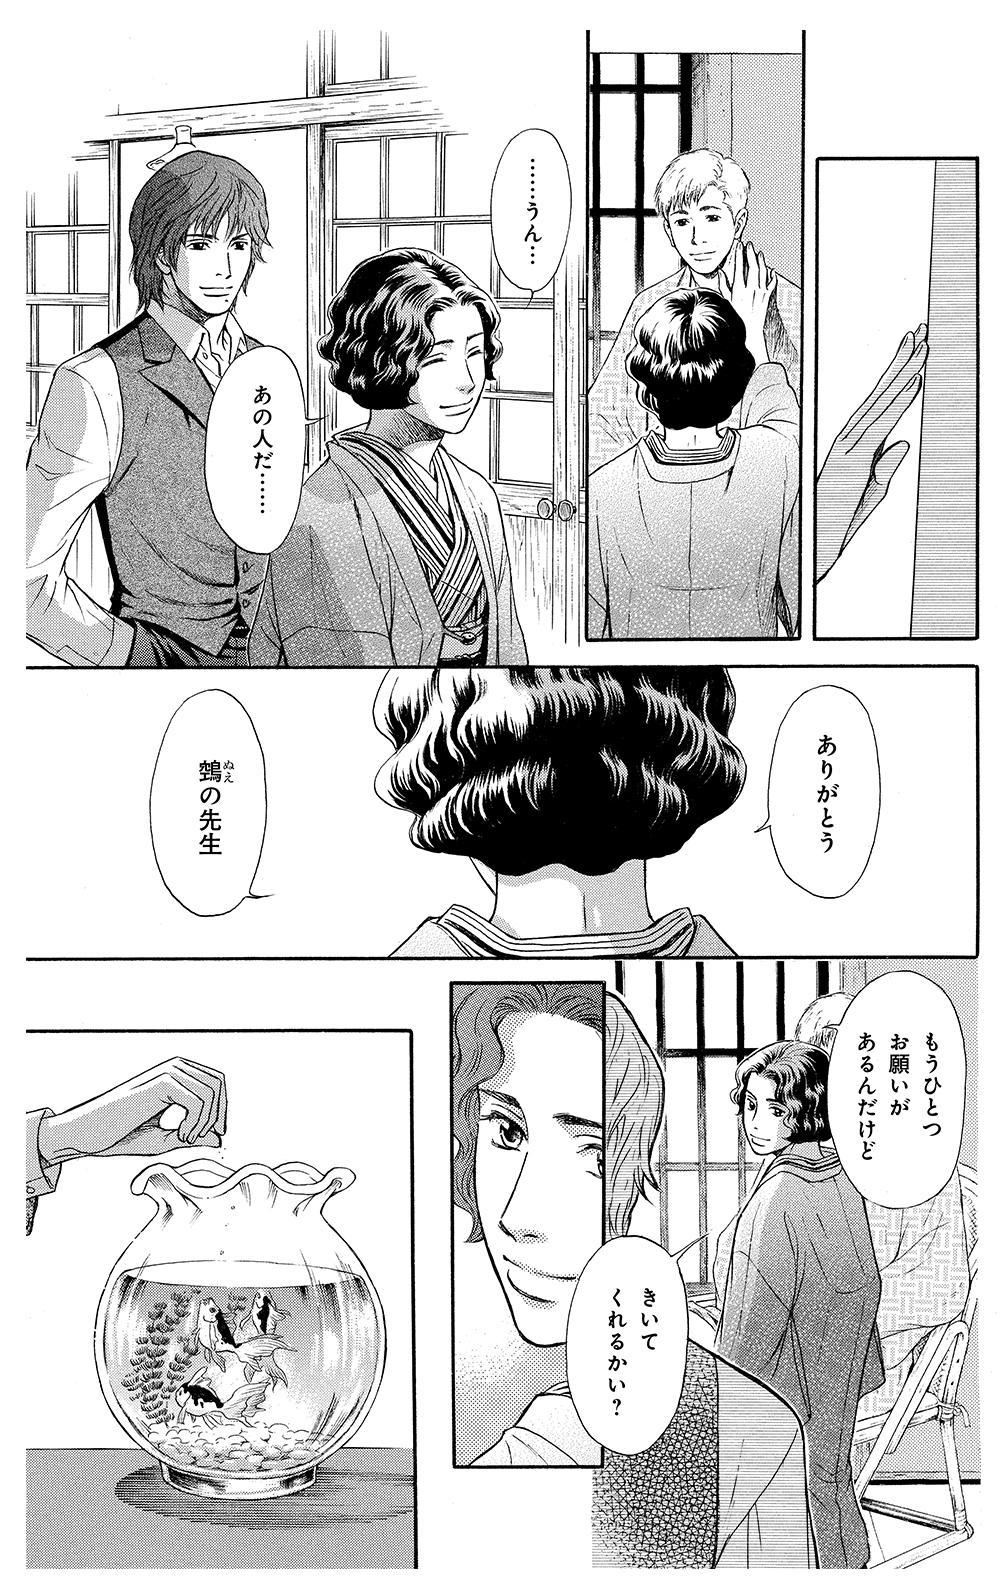 鵼の絵師 第2話「おきみやげ」②nuenoeshi04-06.jpg